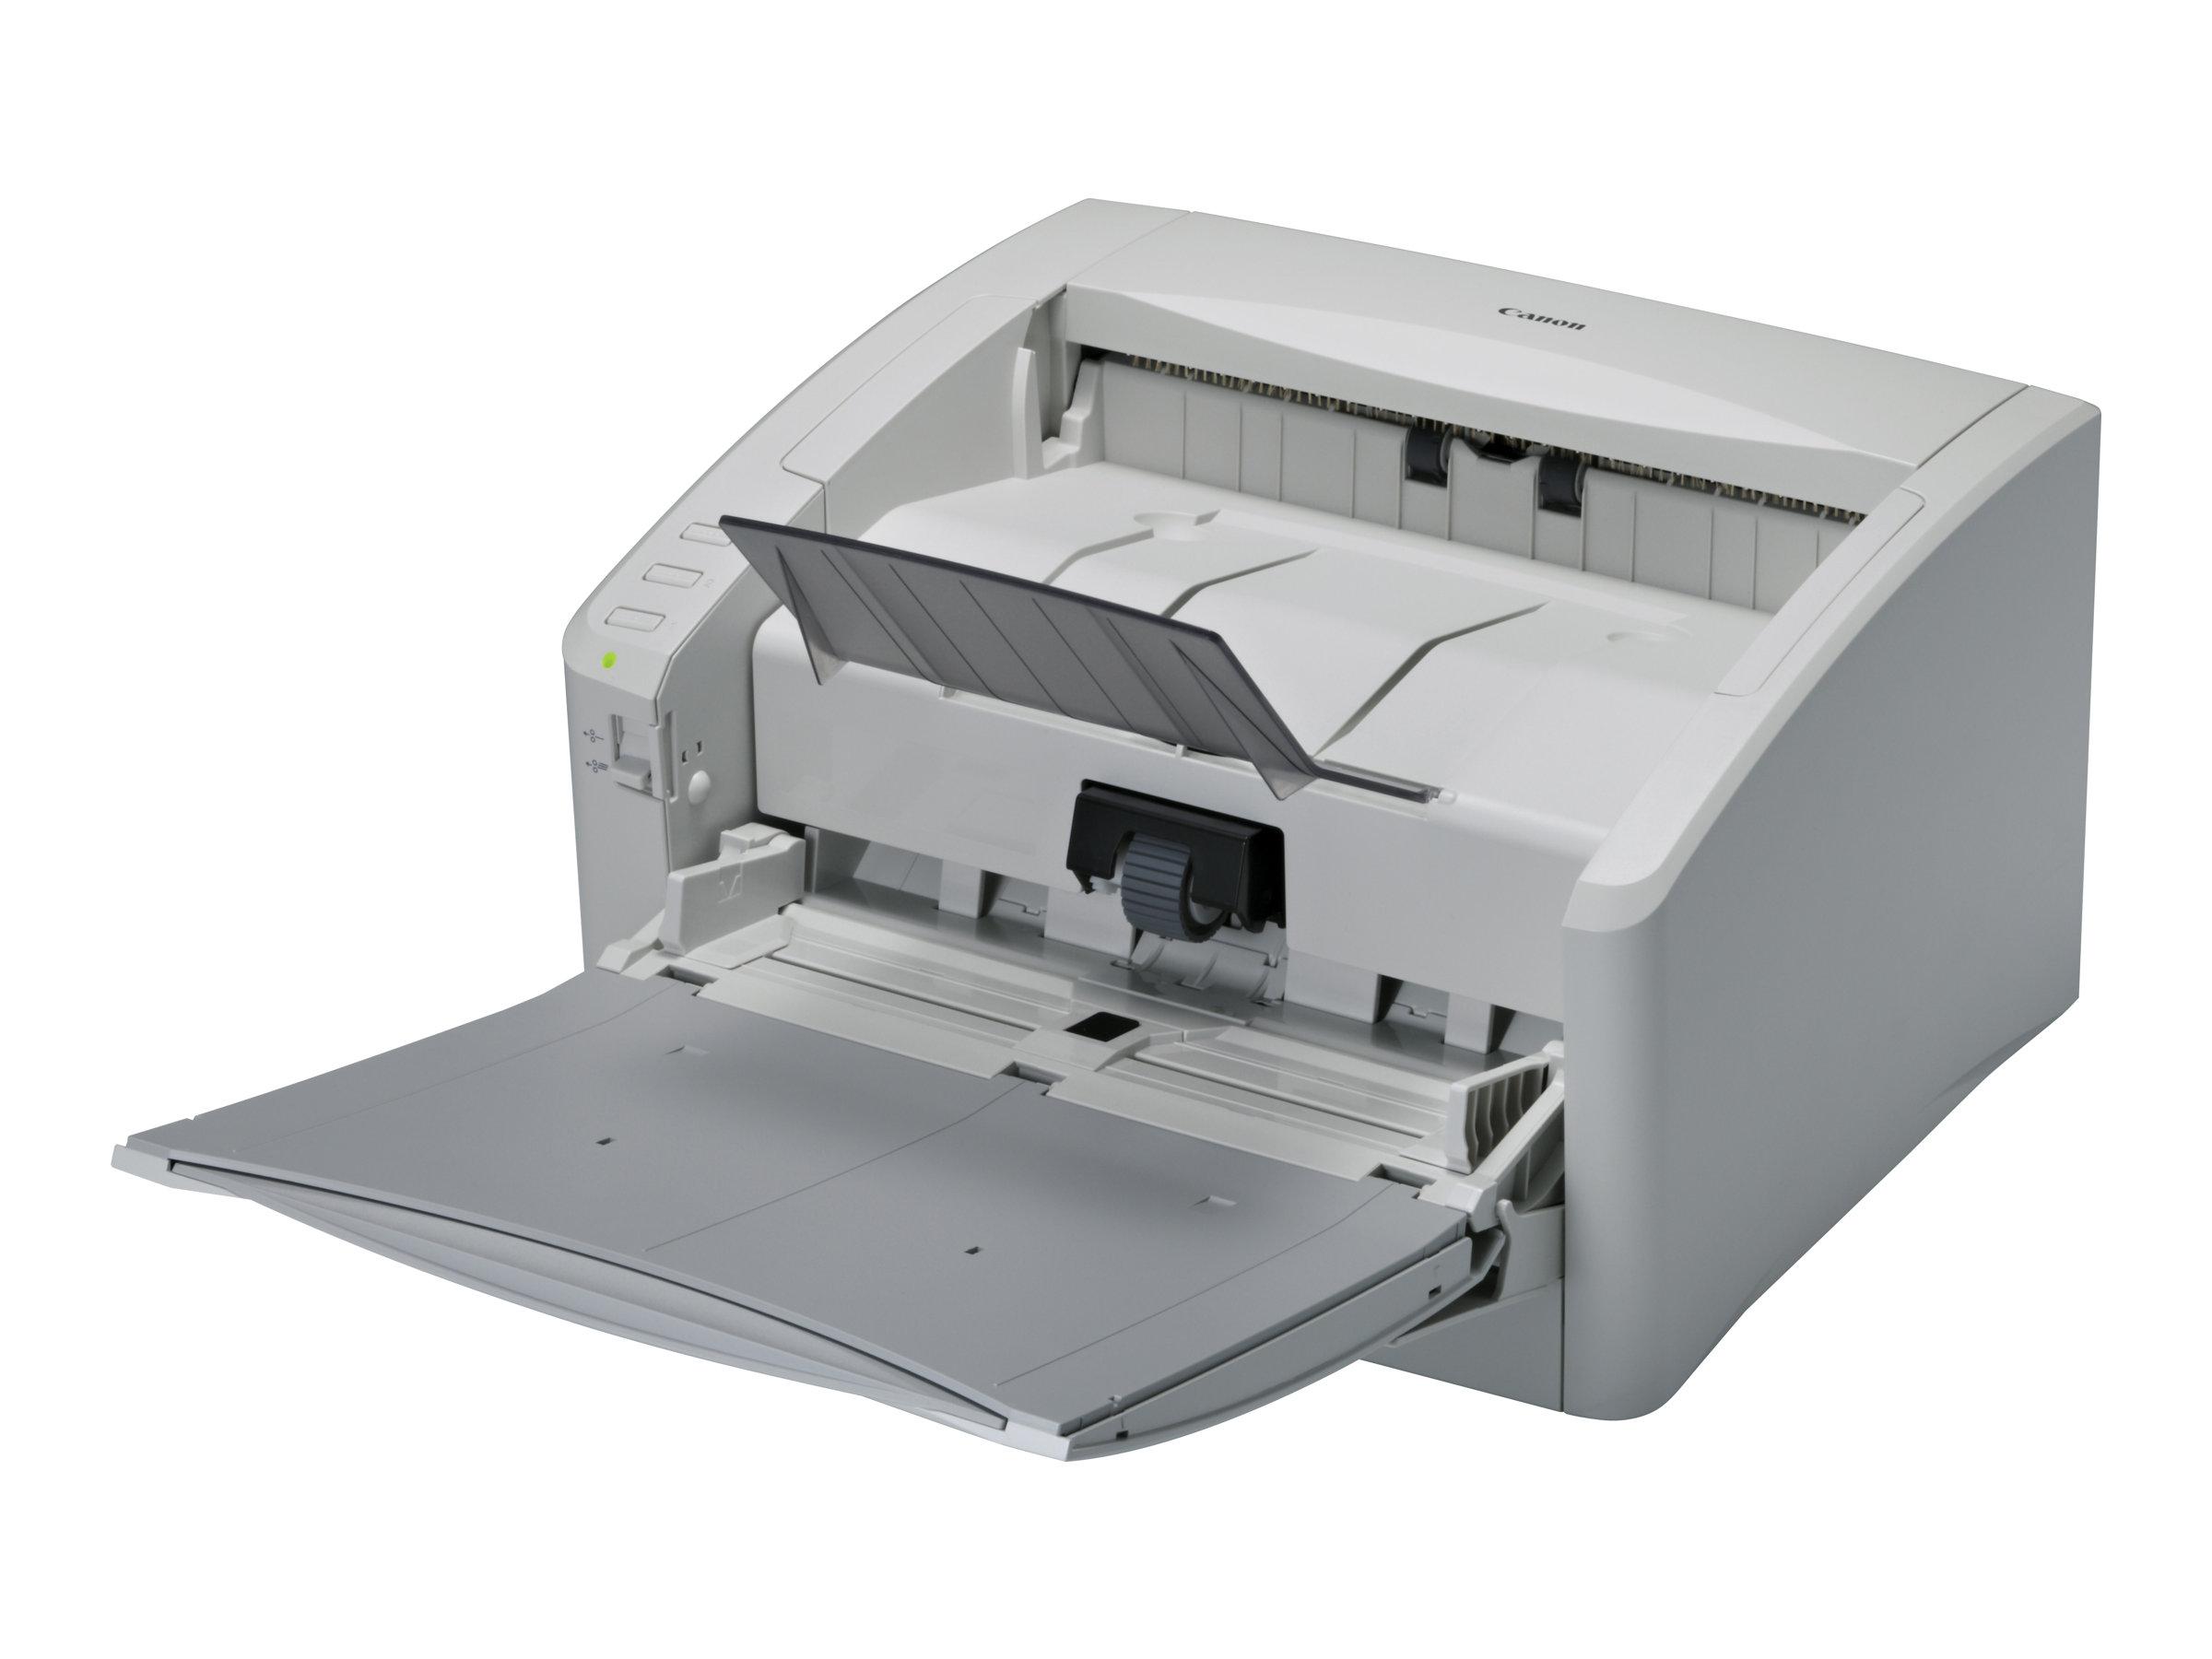 Canon imageFORMULA DR-6010C - Dokumentenscanner - Duplex - 219 x 1000 mm - 600 dpi x 600 dpi - bis zu 60 Seiten/Min. (einfarbig)